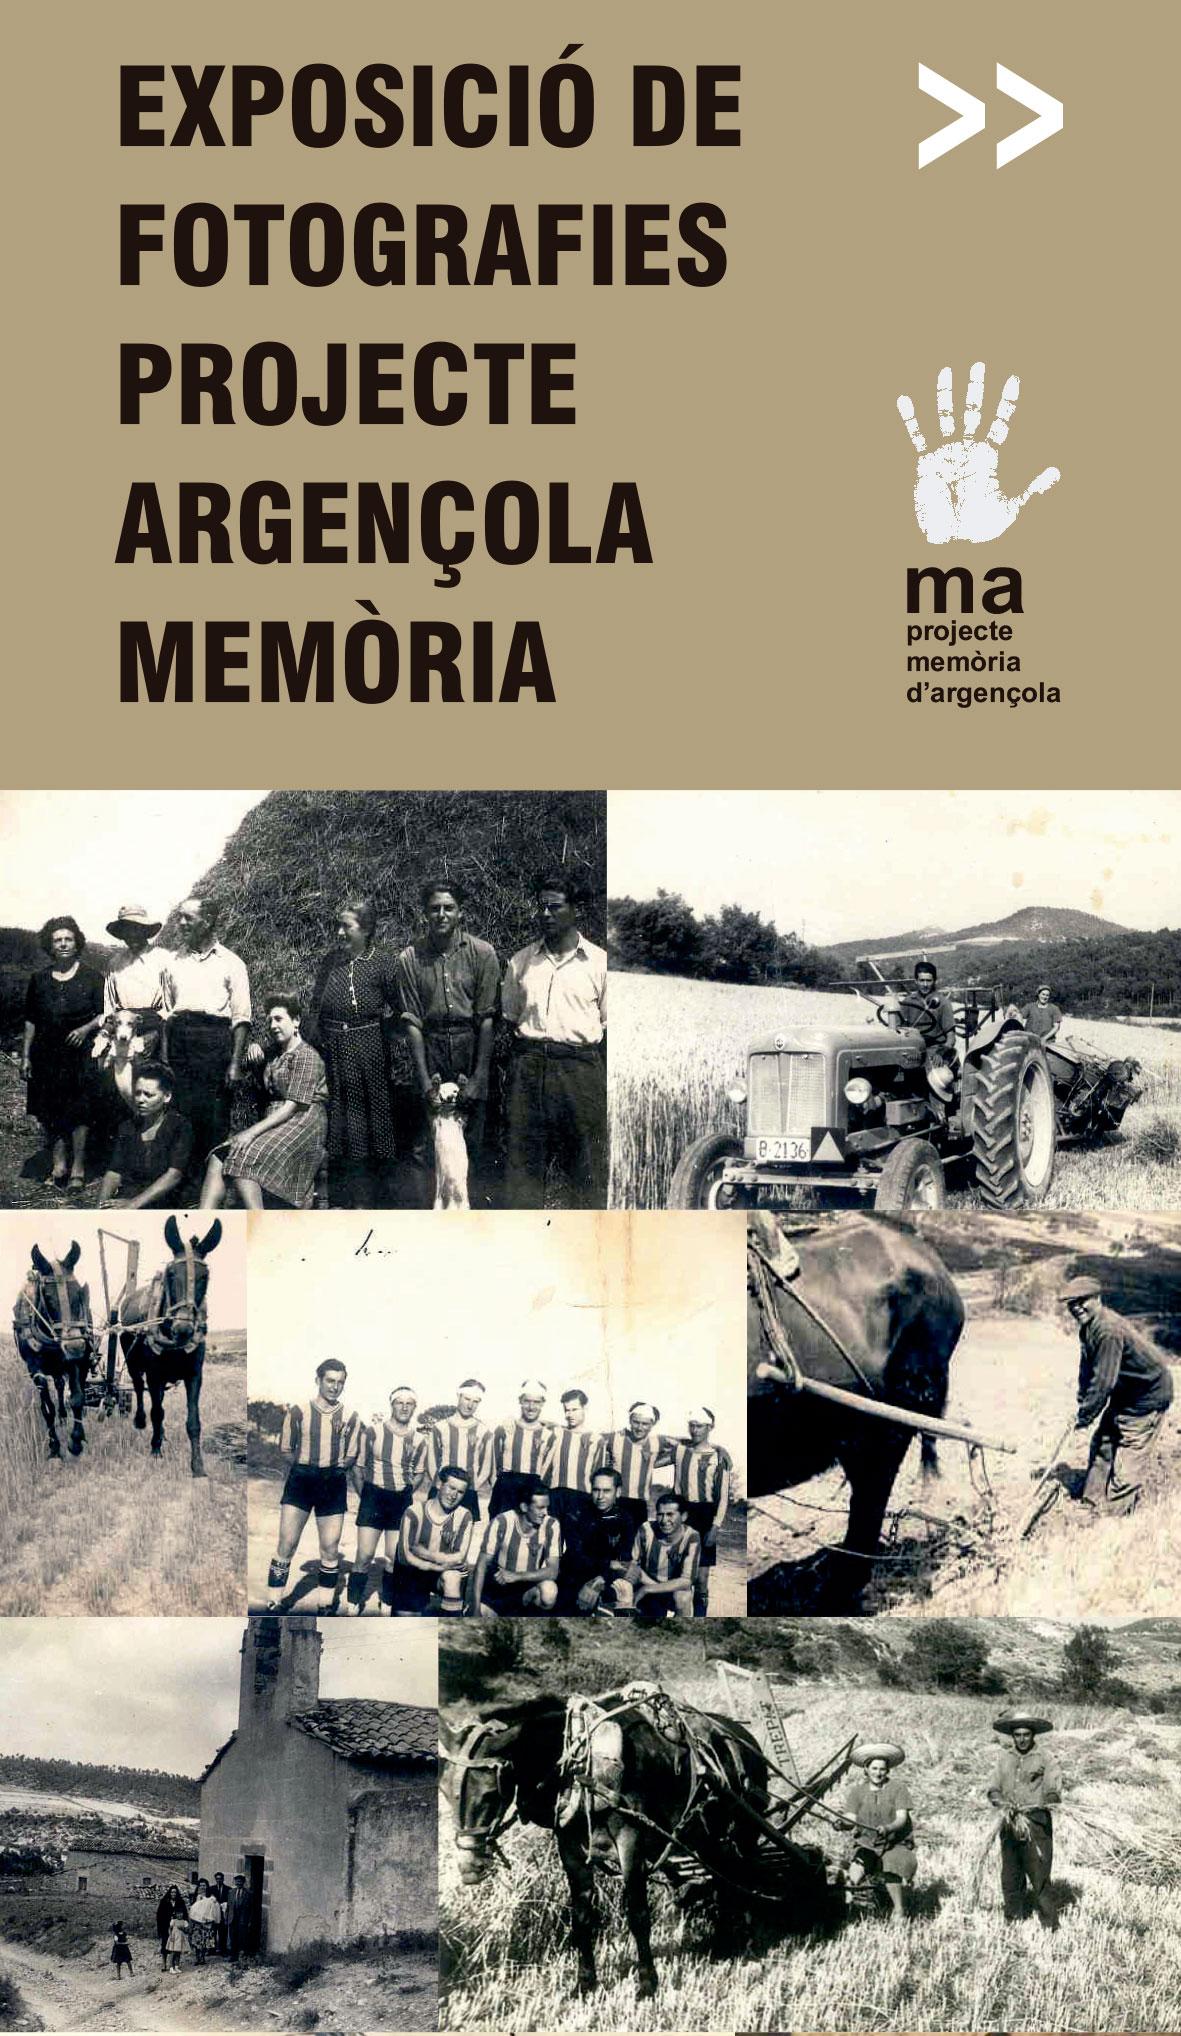 cartell Exposició de fotografies Projecte Argençola Memòria